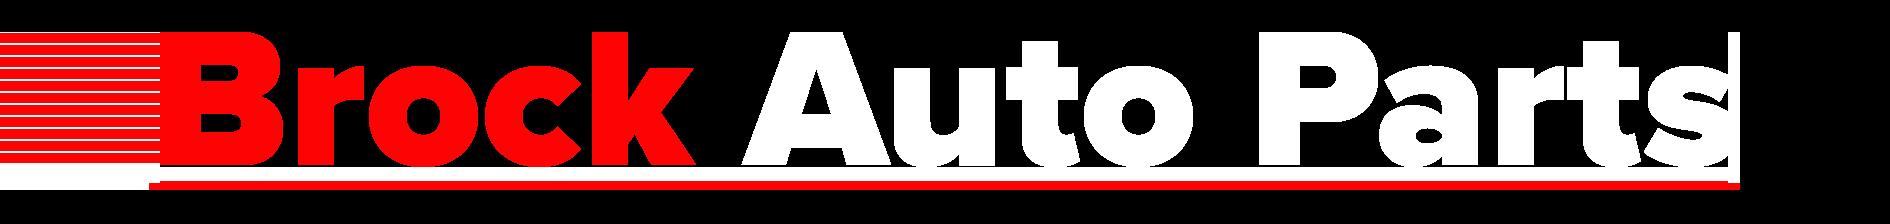 Brock Auto Parts